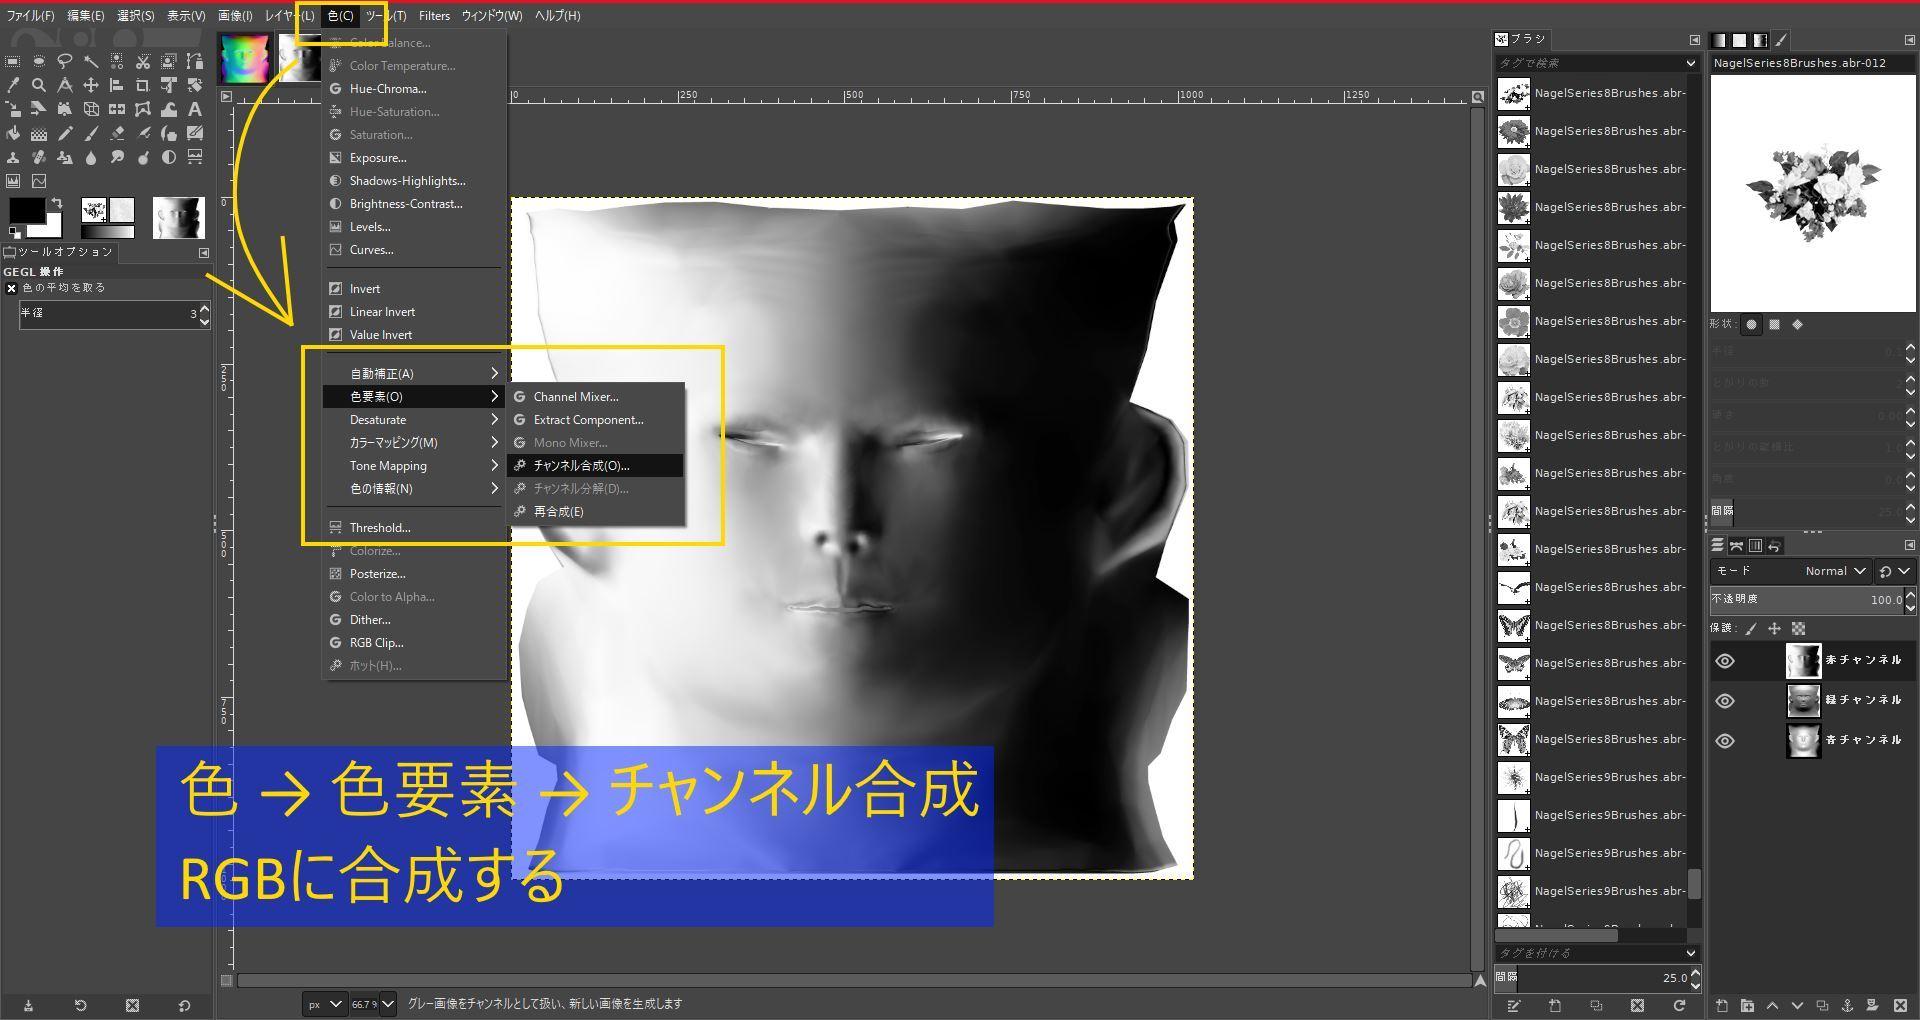 FemaleFaceNM201808SK 042-1 Info GIMP 1